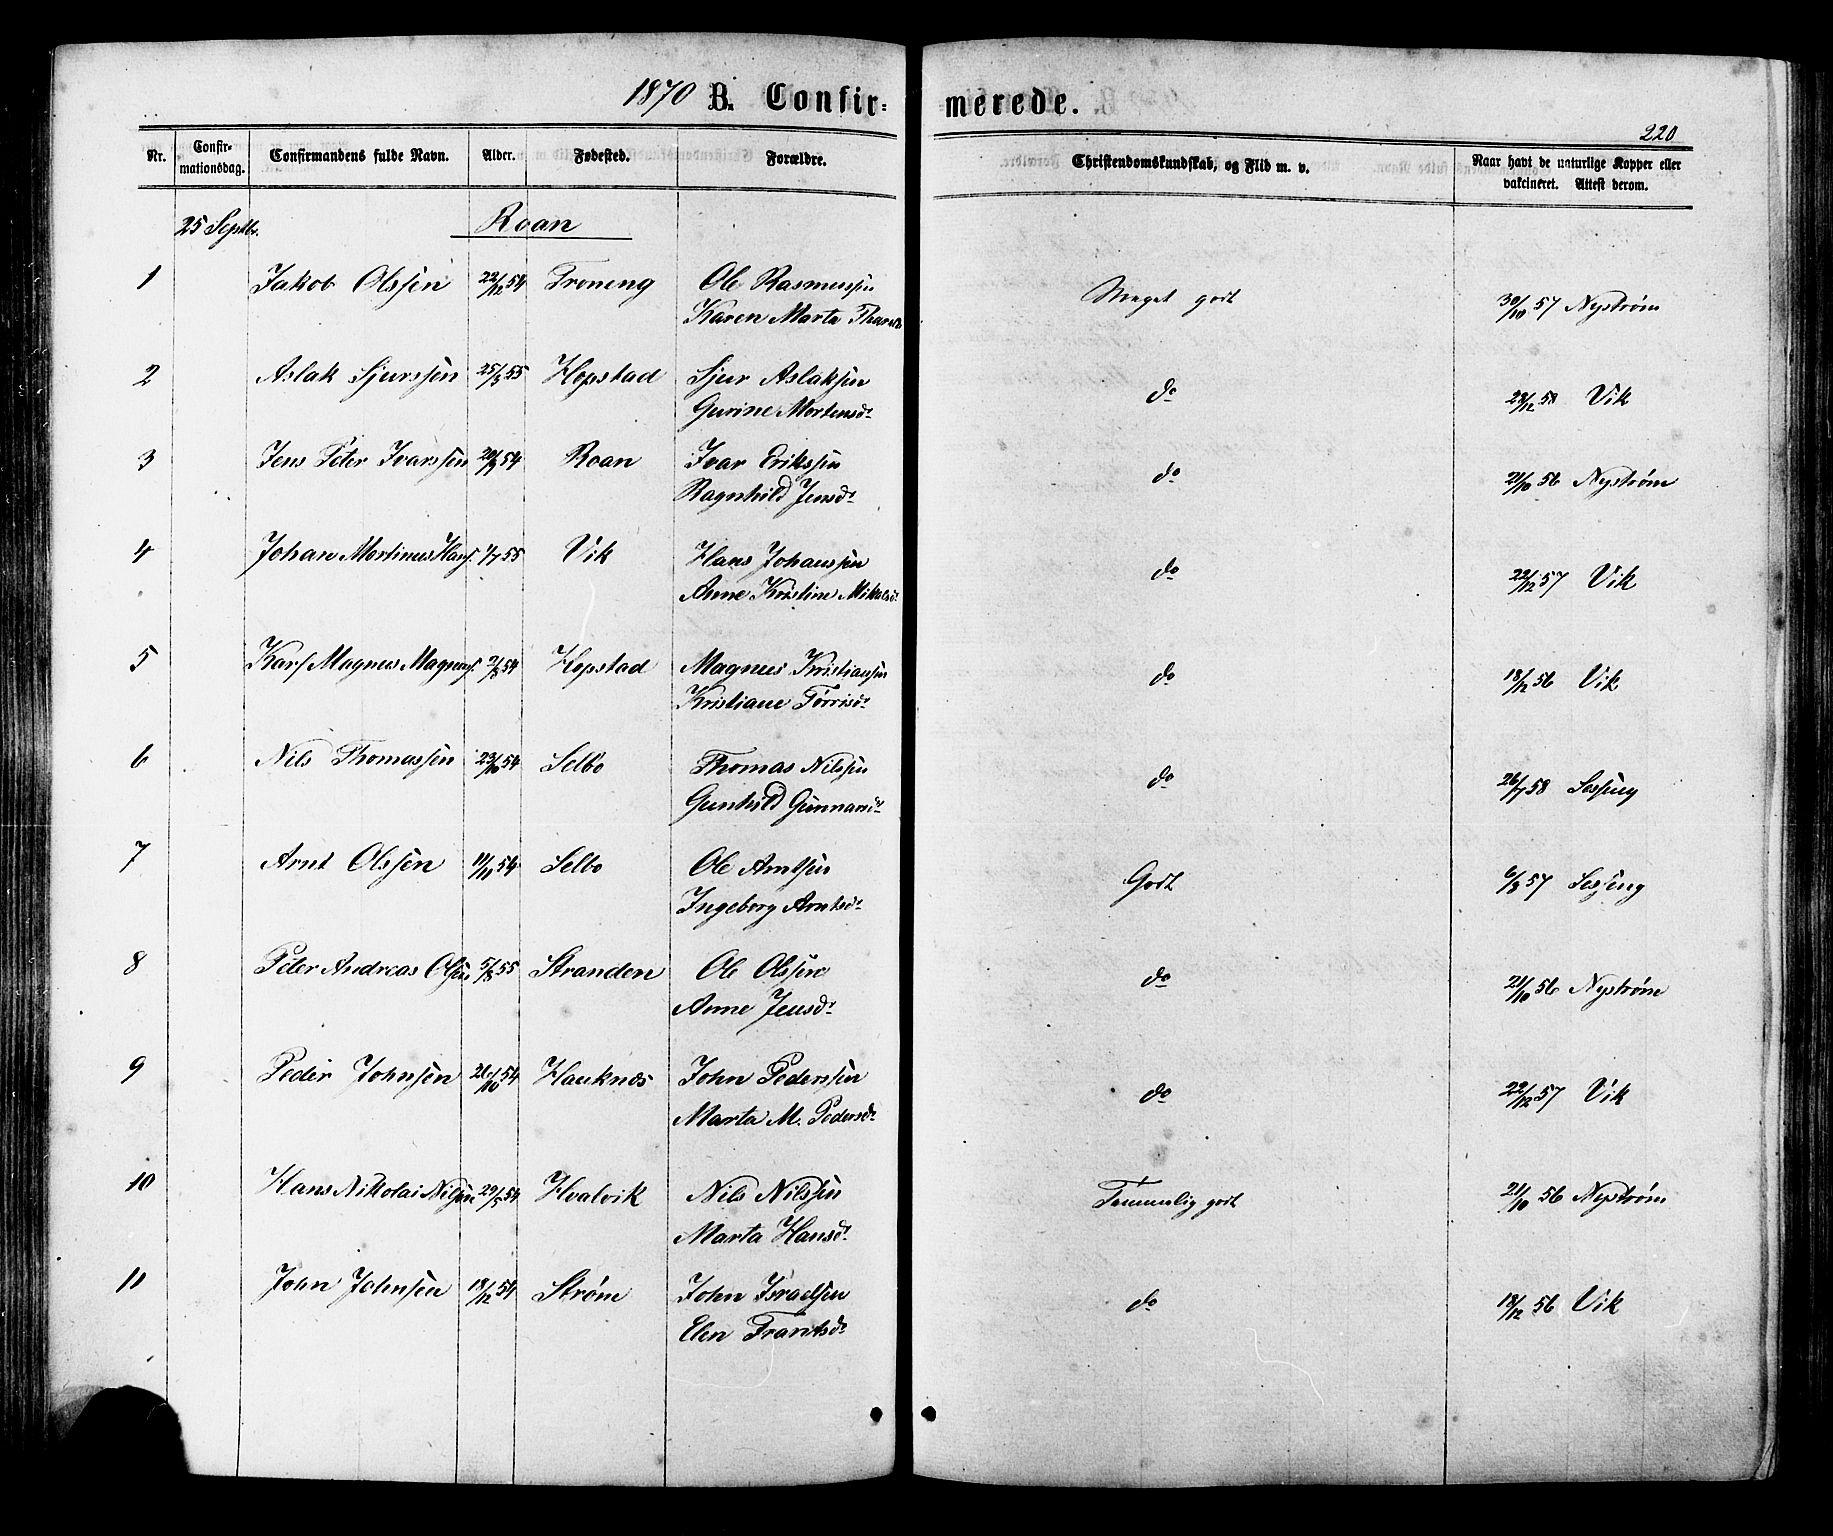 SAT, Ministerialprotokoller, klokkerbøker og fødselsregistre - Sør-Trøndelag, 657/L0706: Ministerialbok nr. 657A07, 1867-1878, s. 220